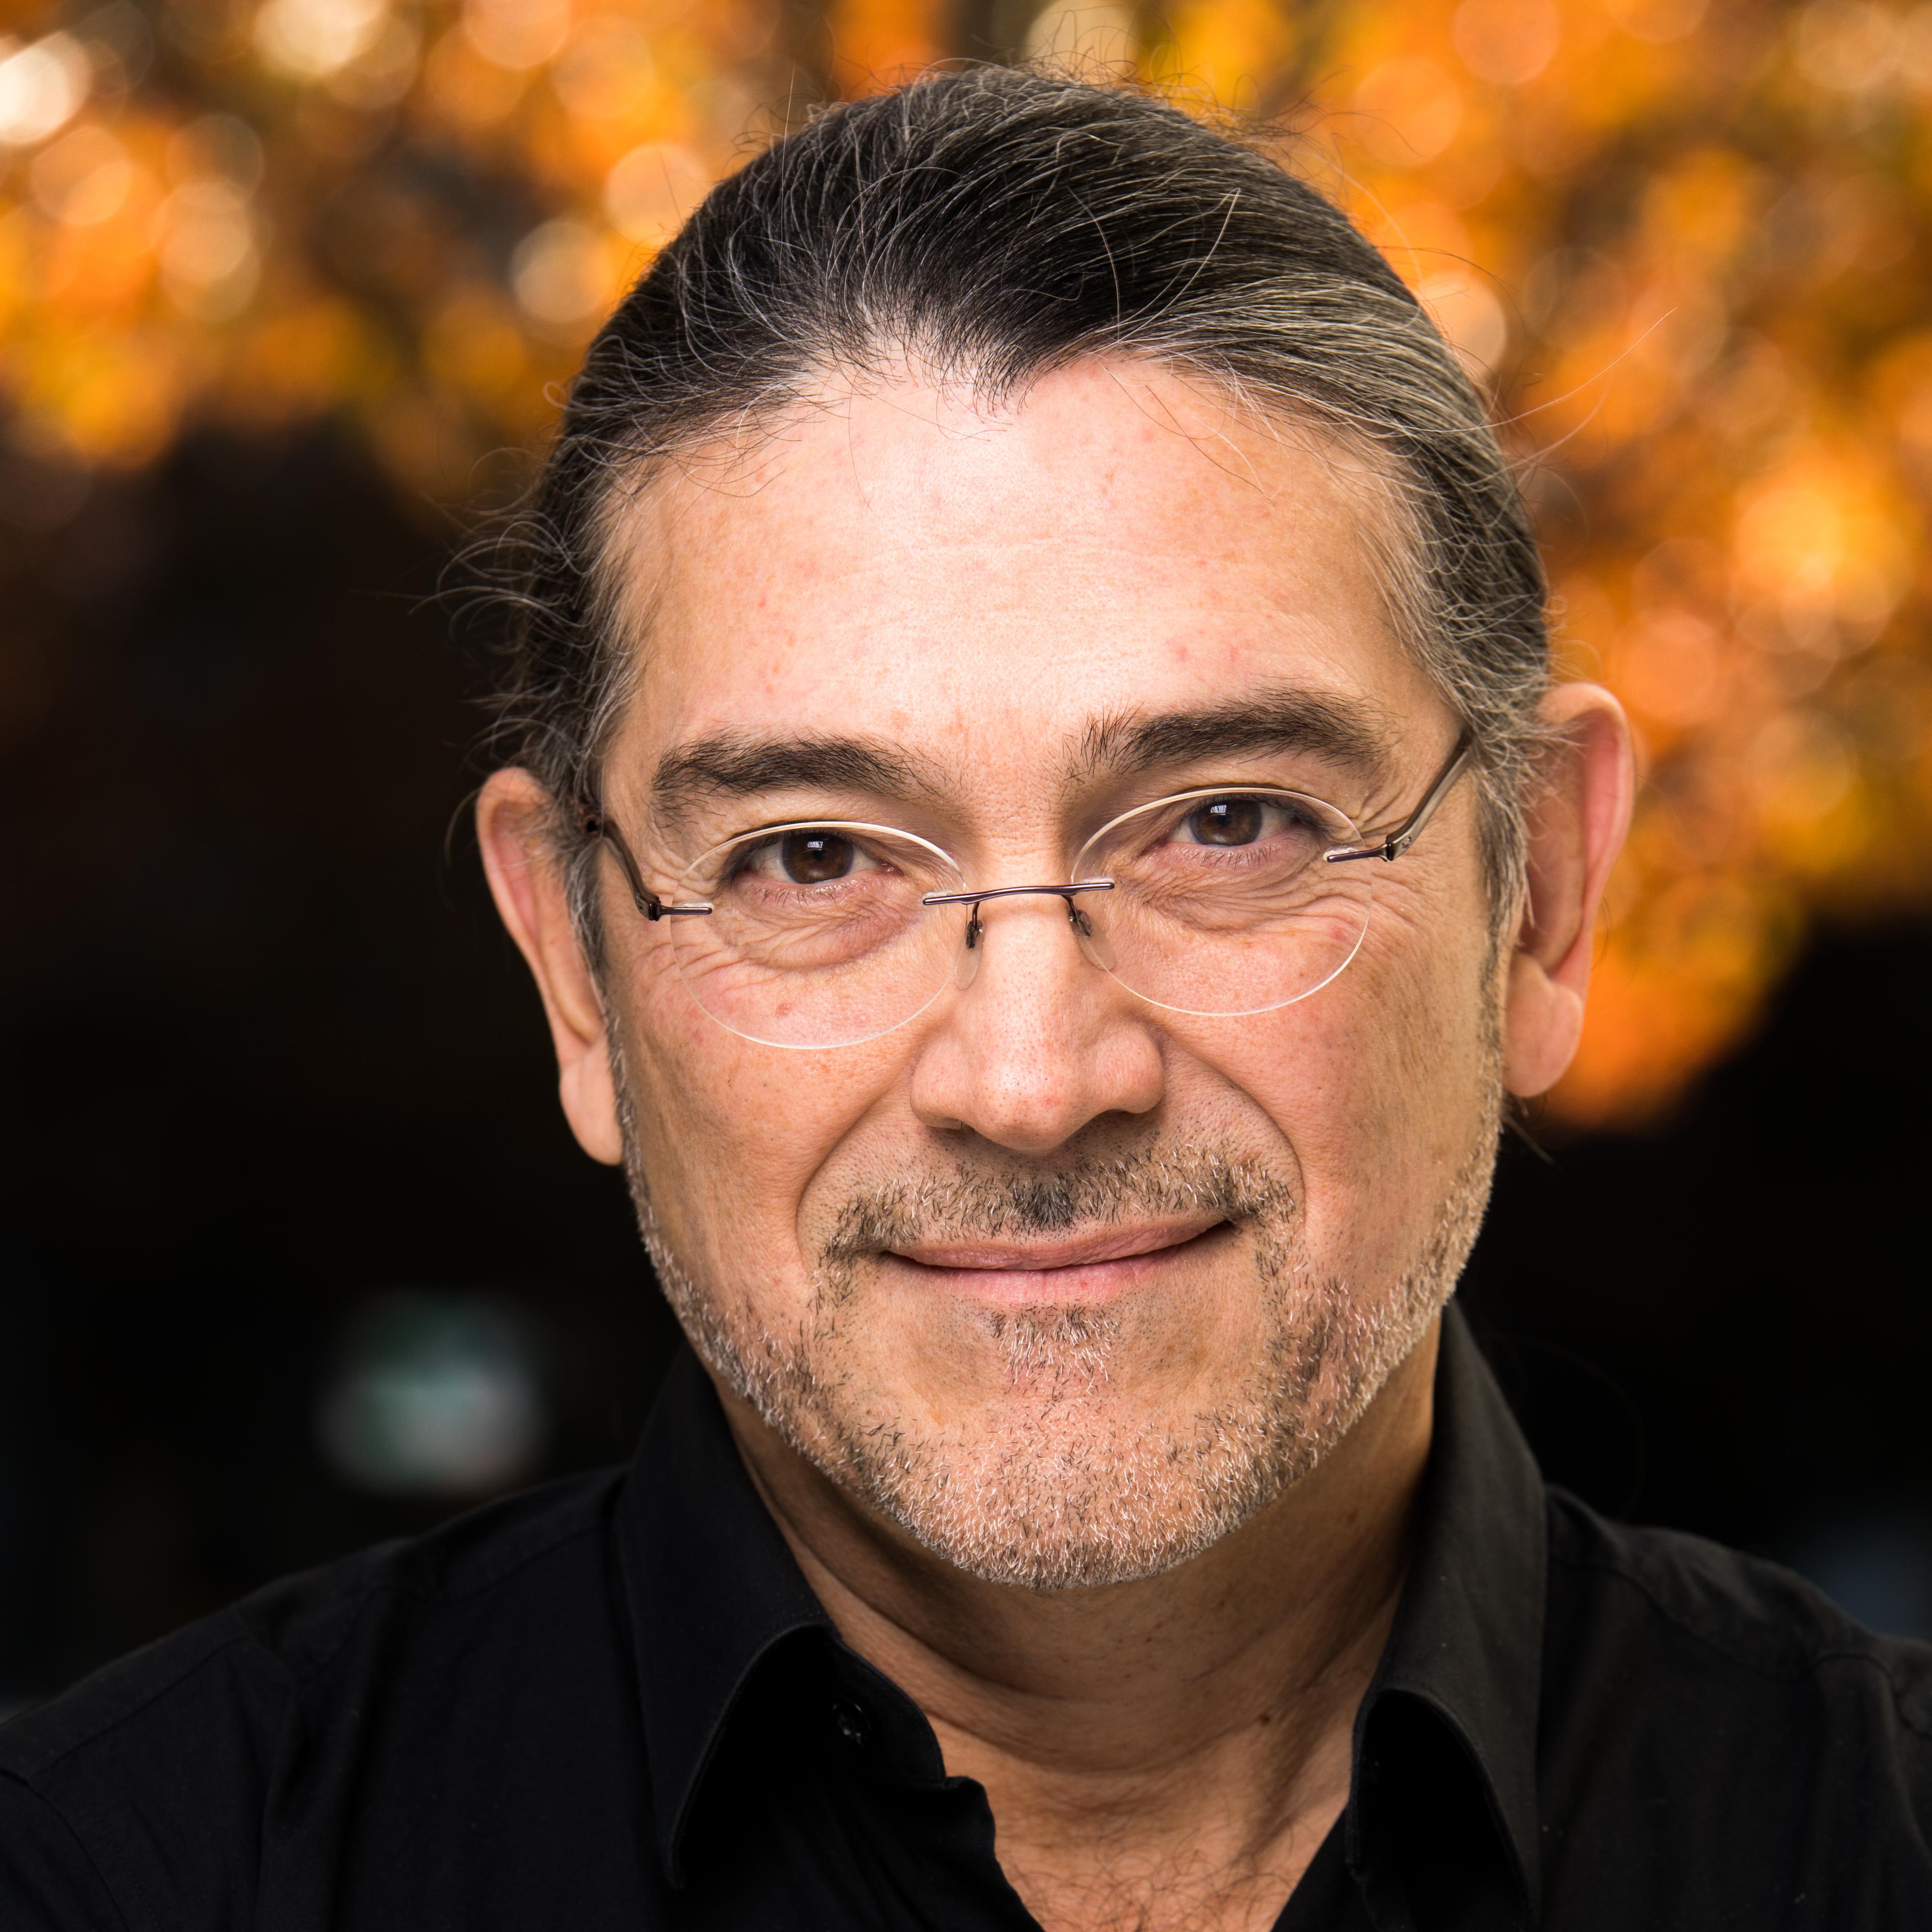 Robert Santos